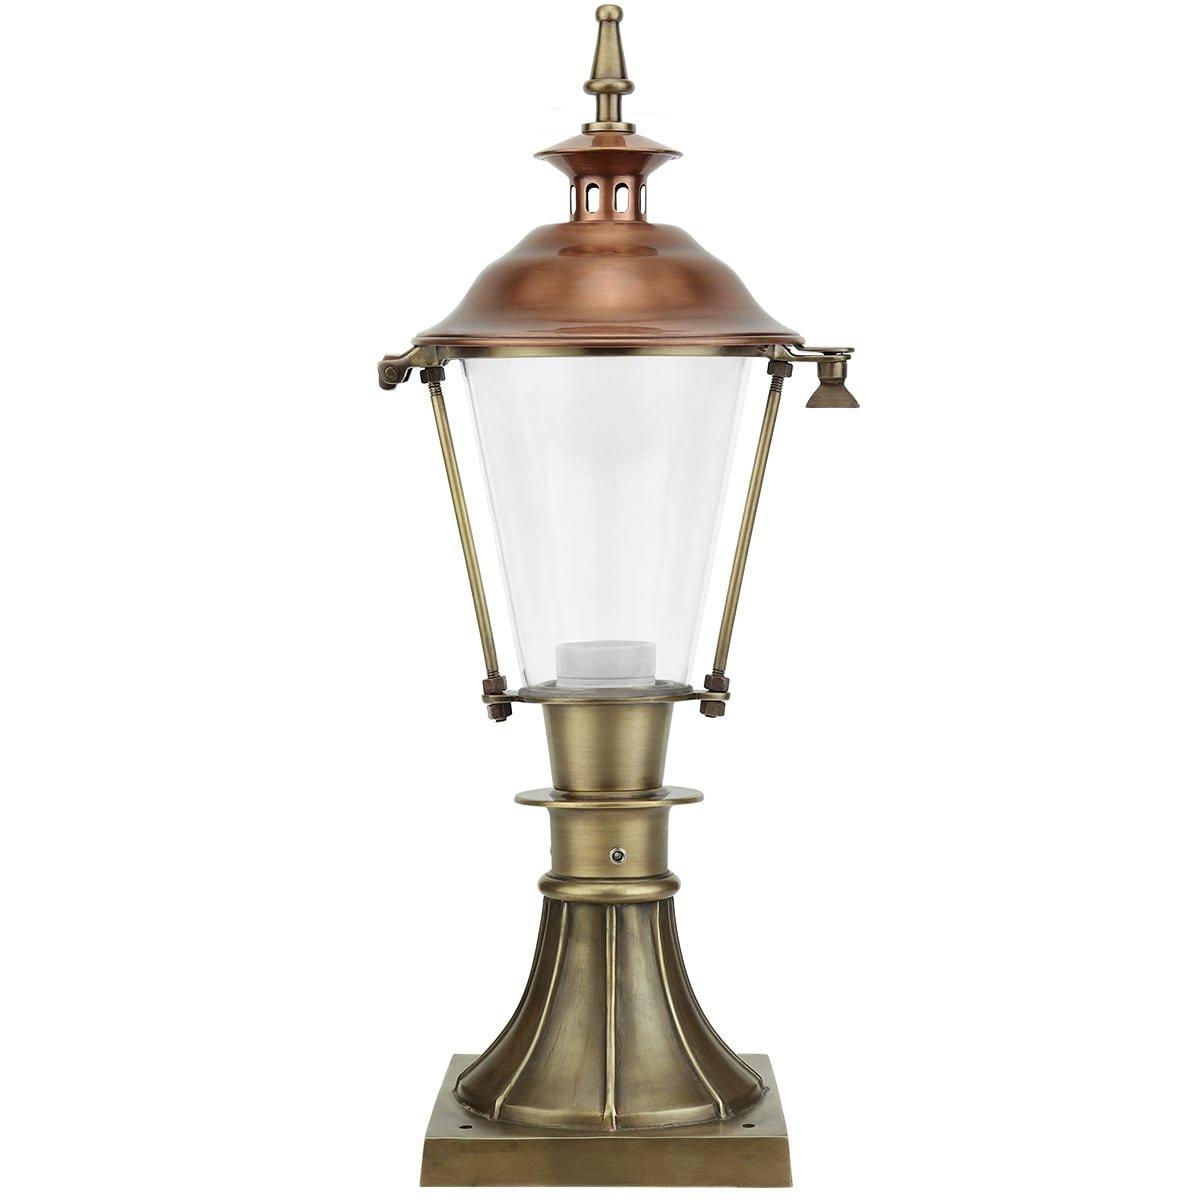 Buitenverlichting Klassiek Landelijk Tuinspot buiten Aalten brons - 56 cm